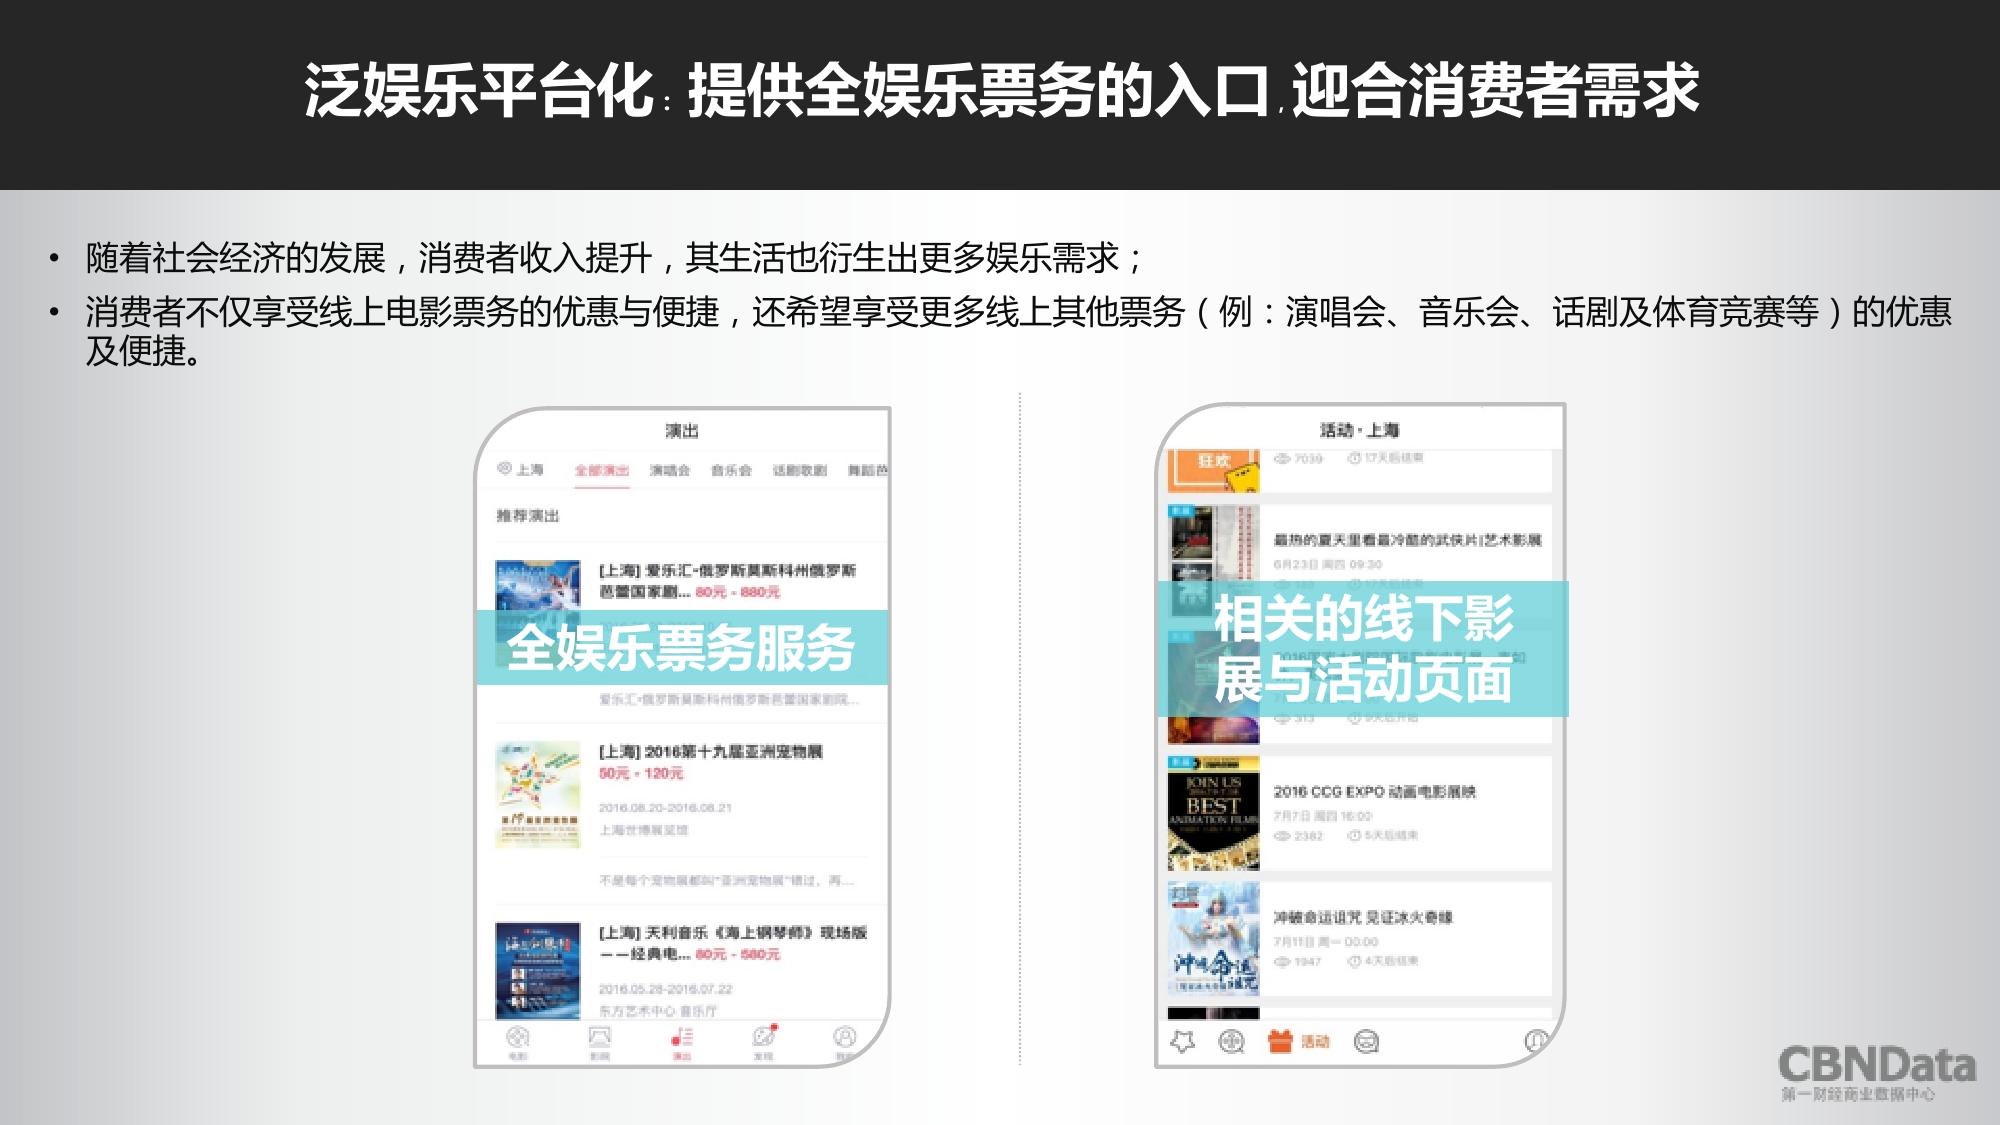 2016上半年中国在线票务平台大数据报告_000025